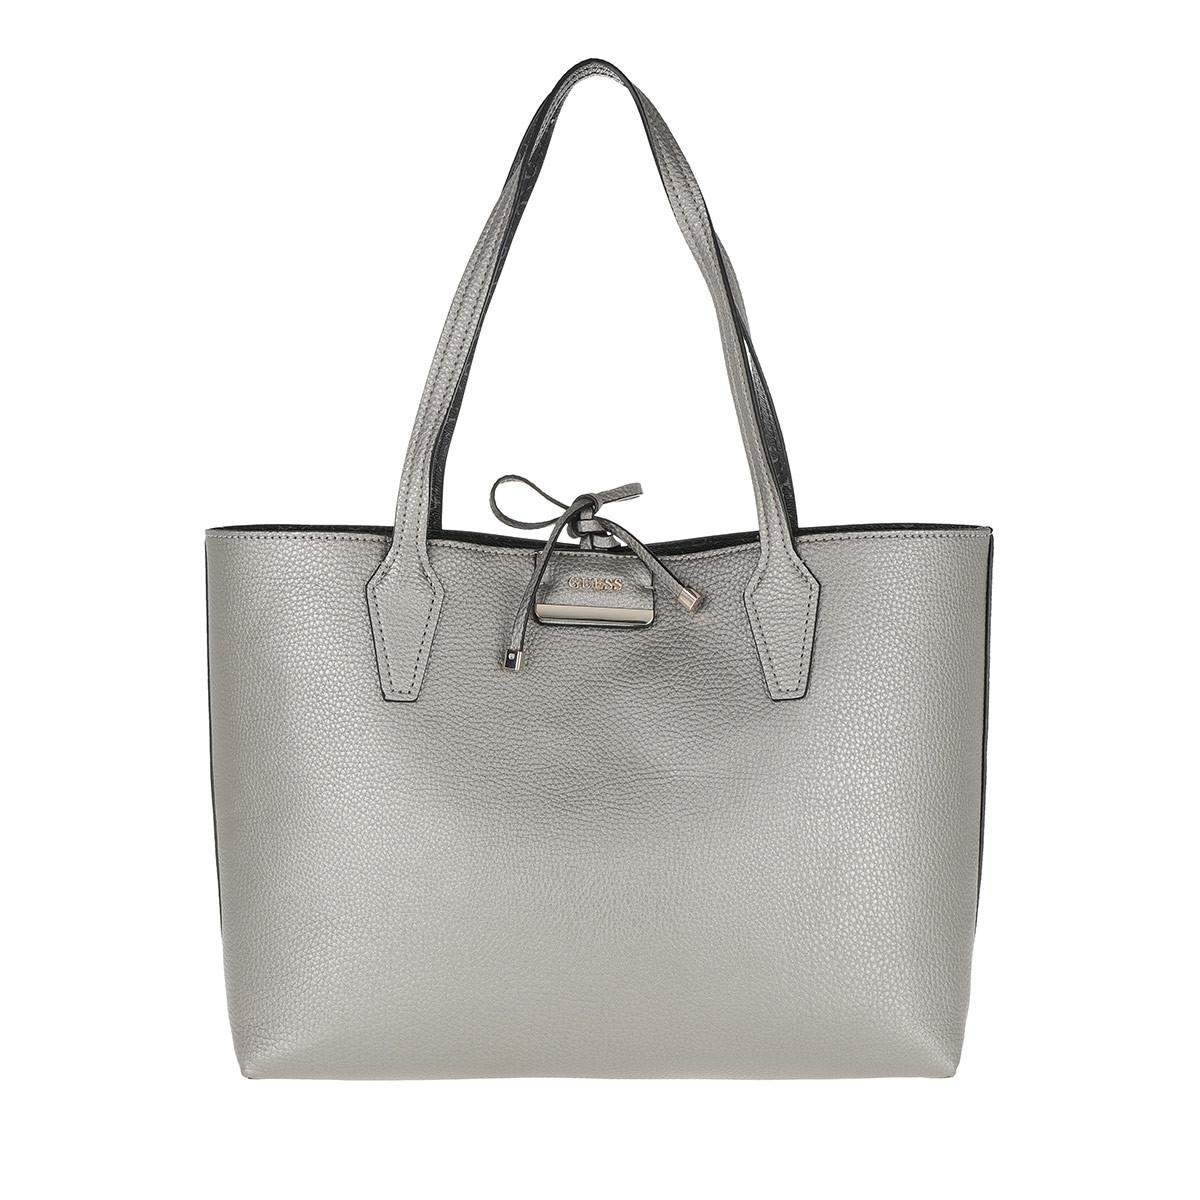 ffc145a5c0e Designer tassen in de sale | Fashionchick | Nu afgeprijsd